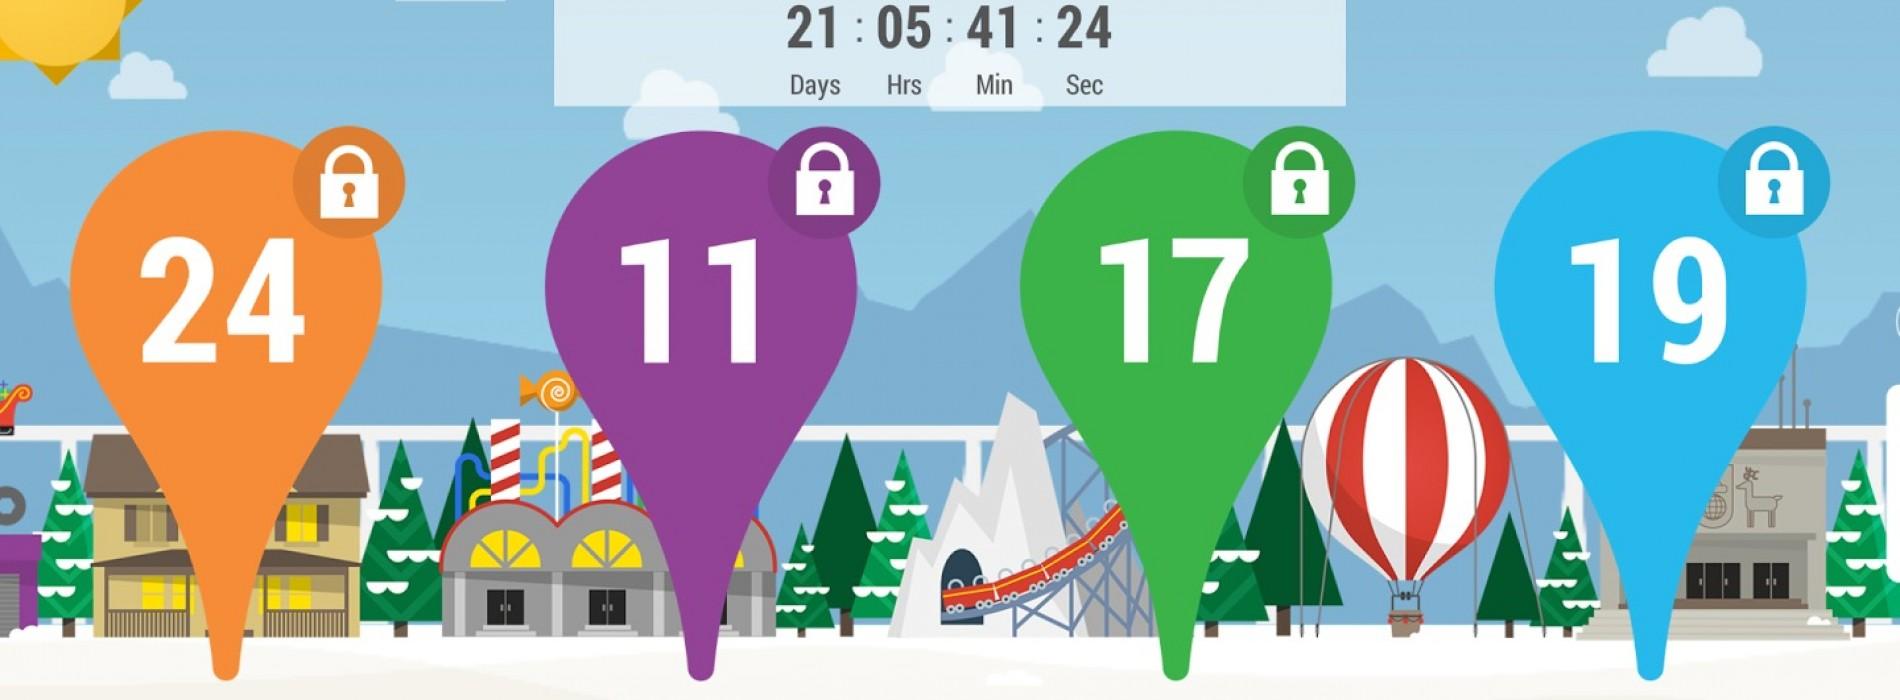 Google Santa Tracker app updated for 2013